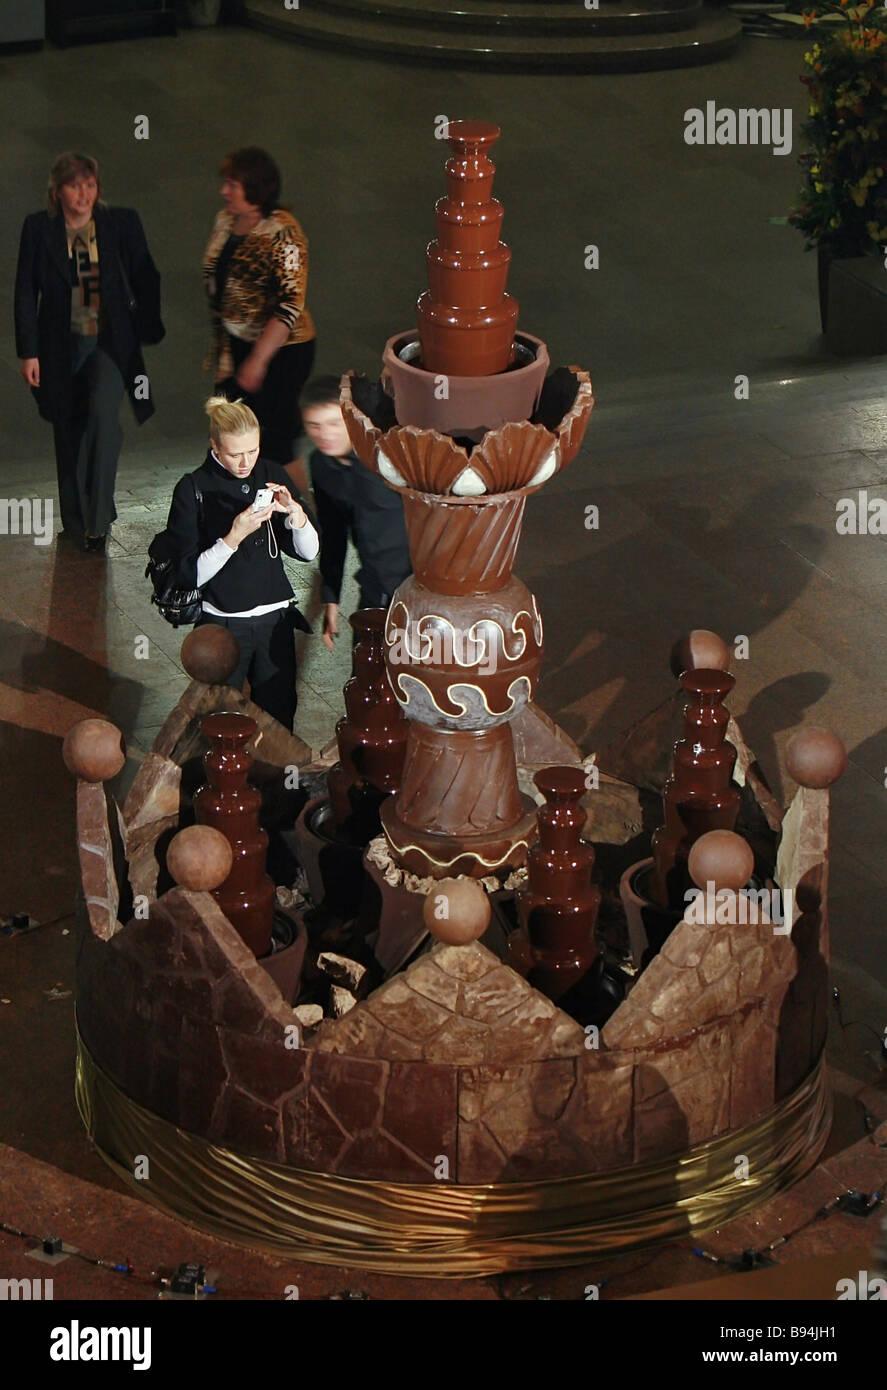 Une énorme fontaine faite de chocolat liquide et solide pèse plus de 3 tonnes et est de 3 mètres Photo Stock